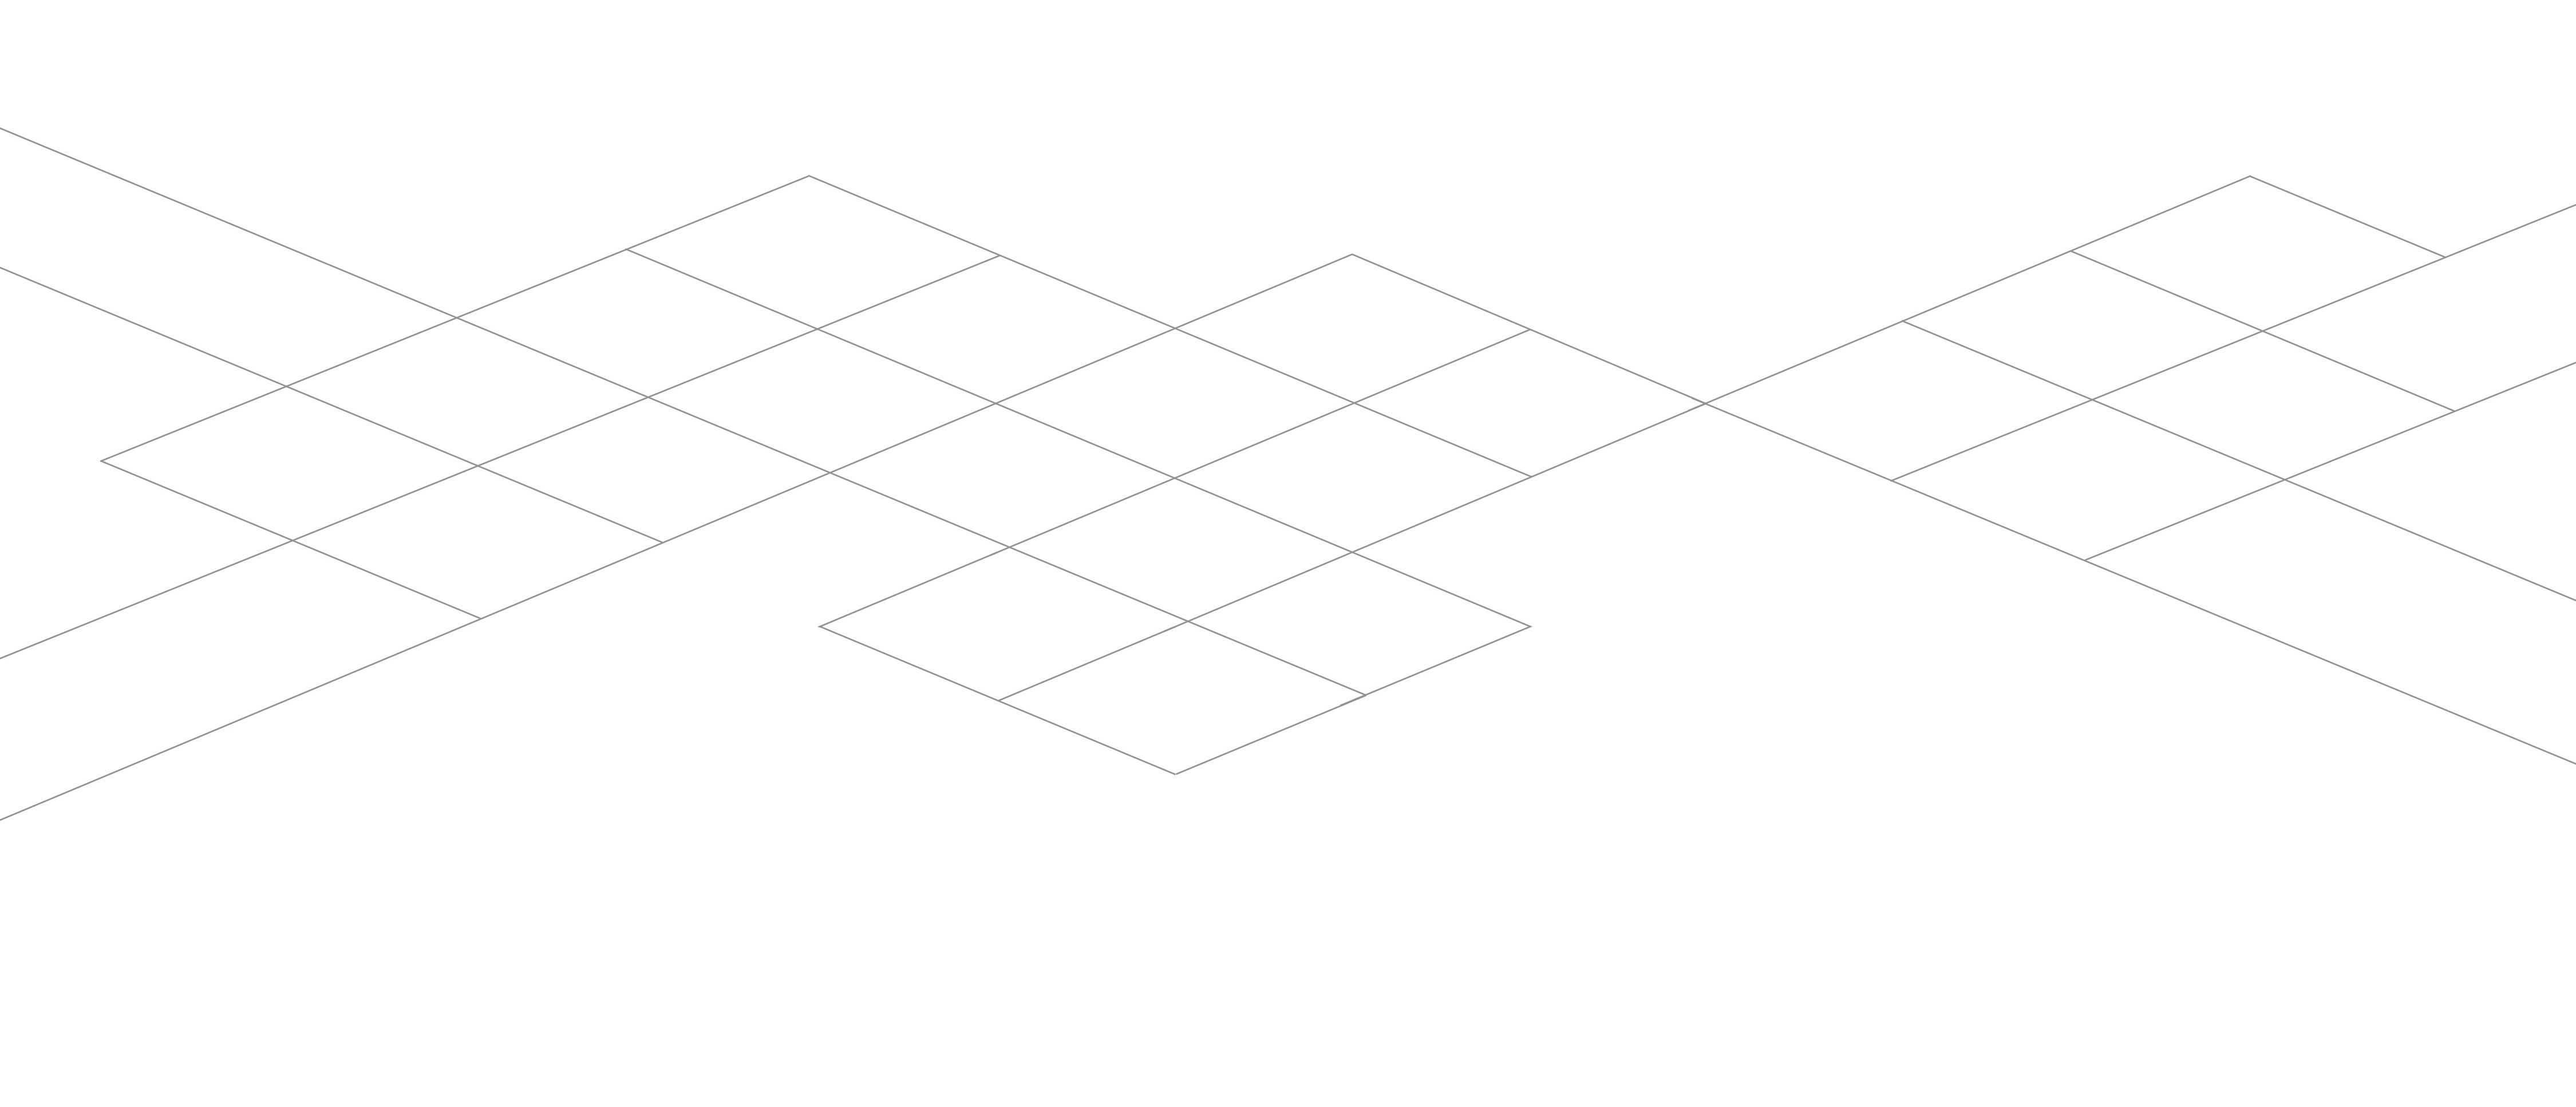 Die charakteristische Rautenform prägt das Brand Design und die Markenkommunikation von Blanke.